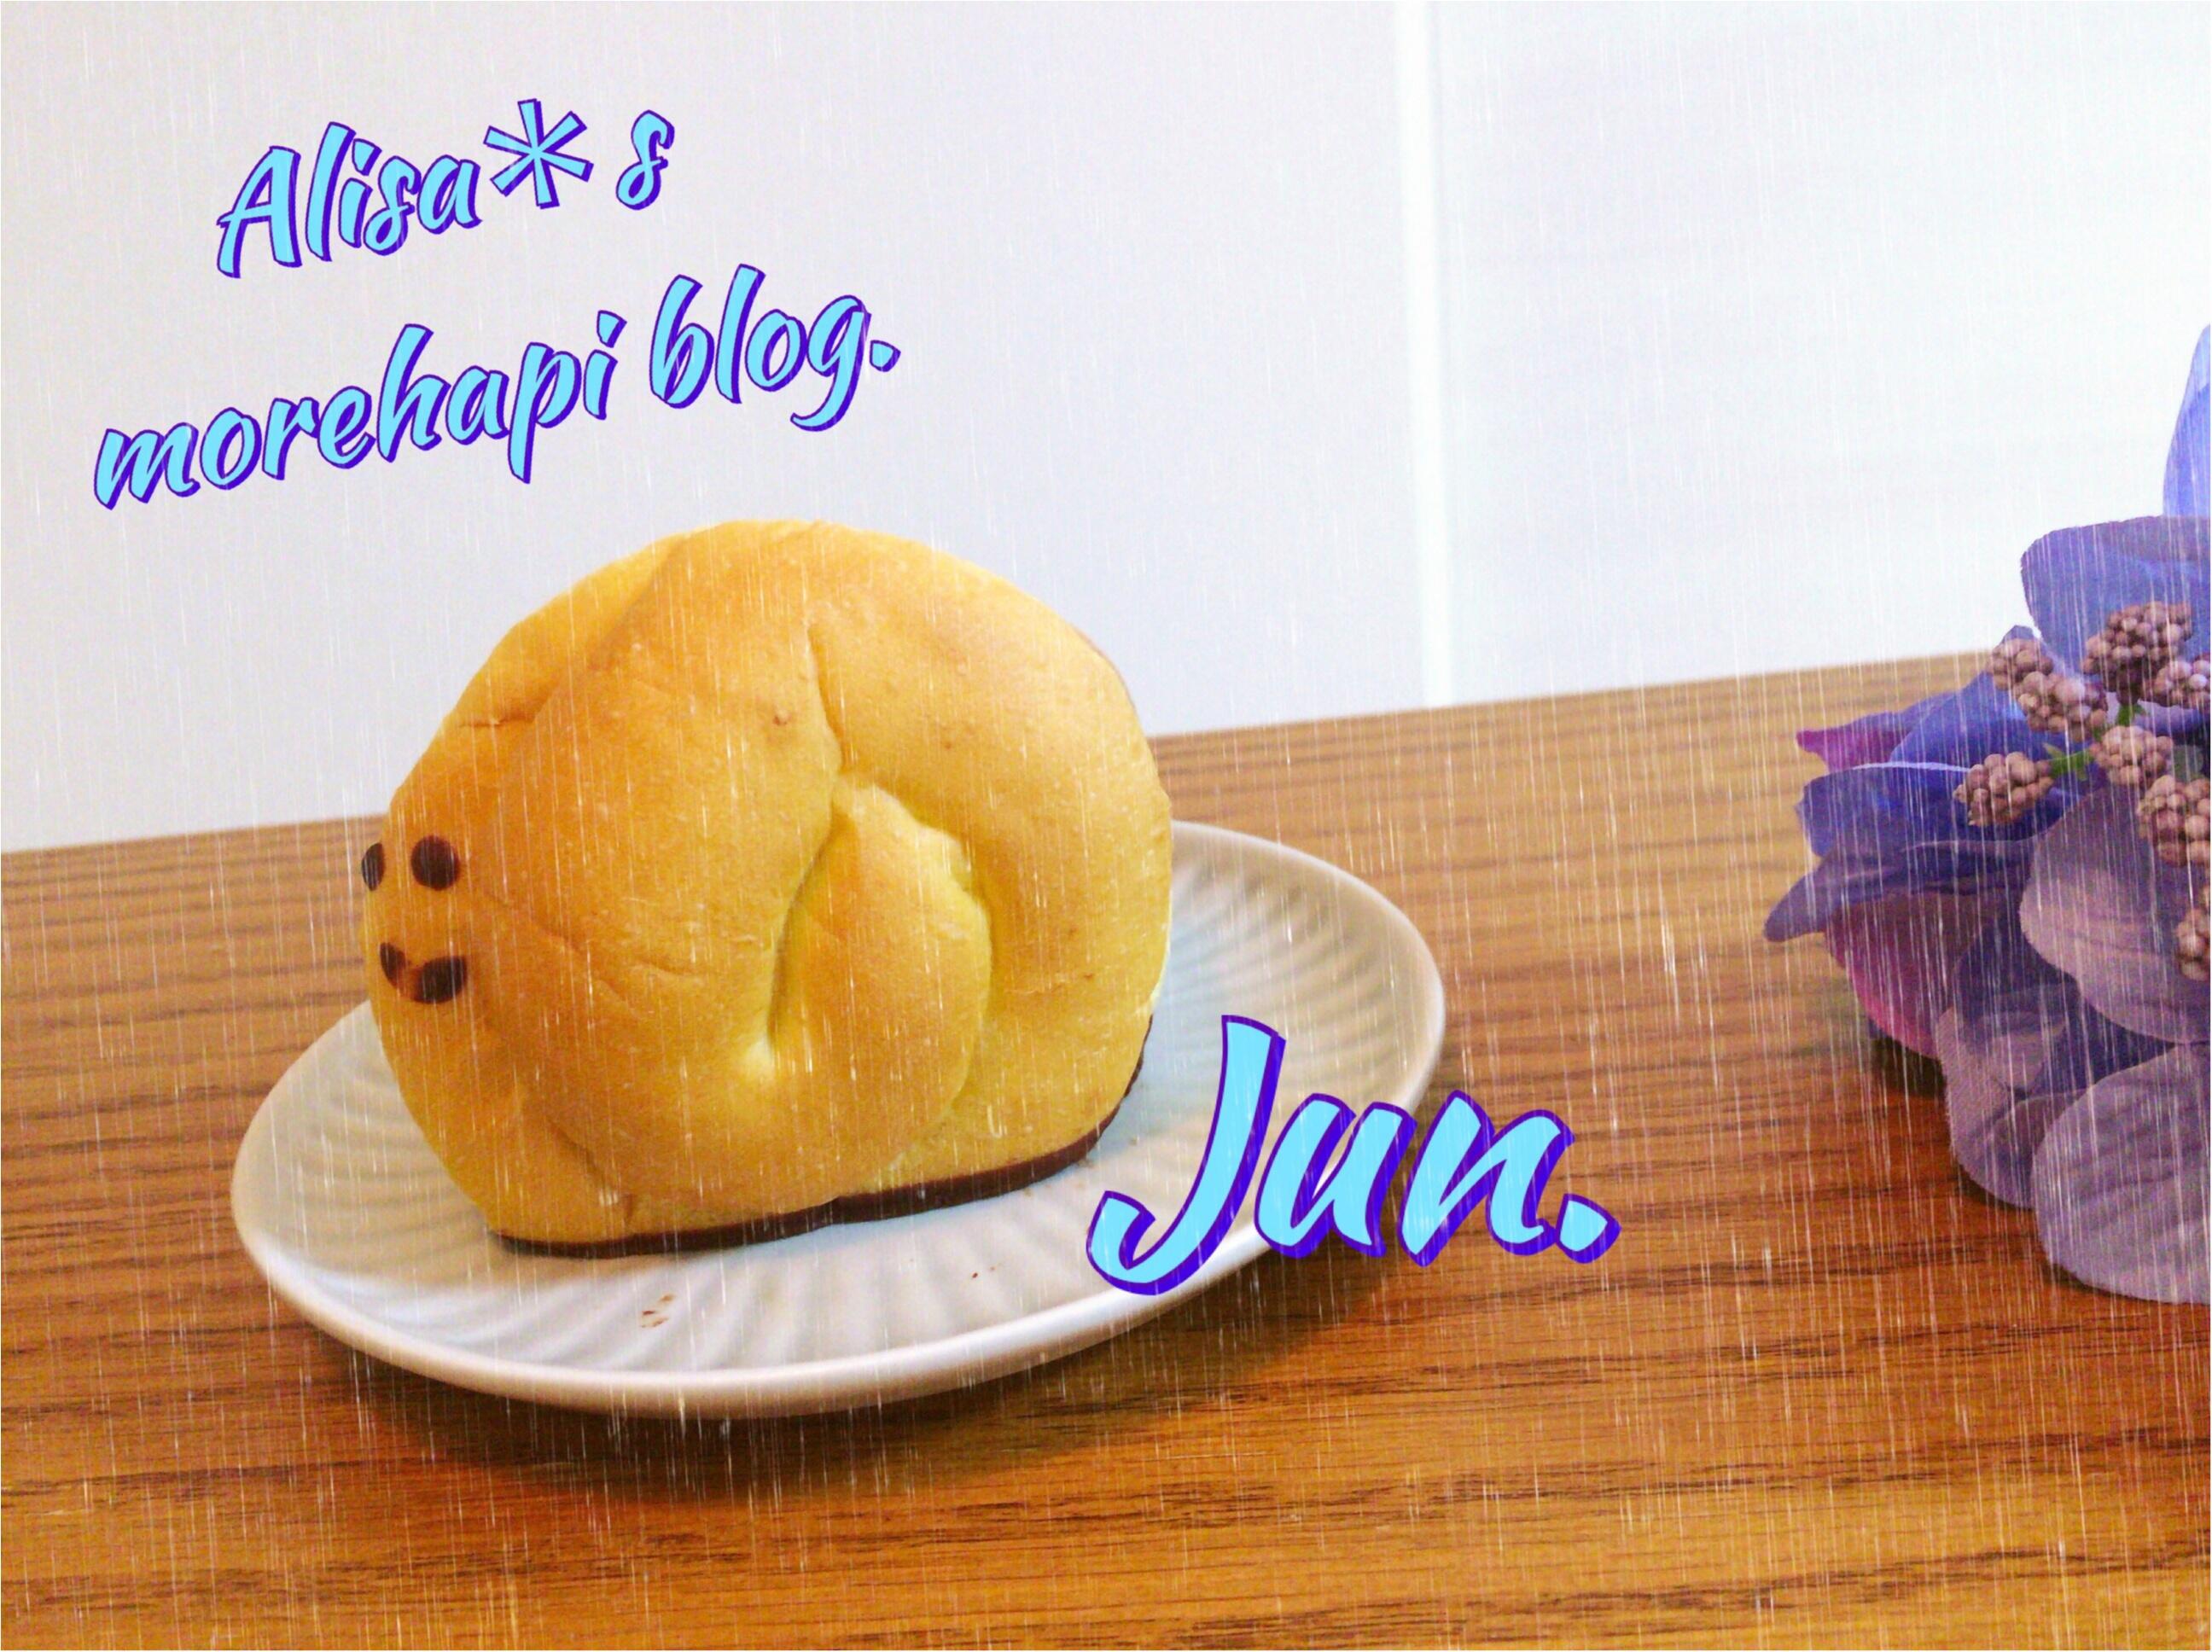 ハマる!タリーズカフェ【パスタ】が美味しい♡セットやお持ち帰りも!_1